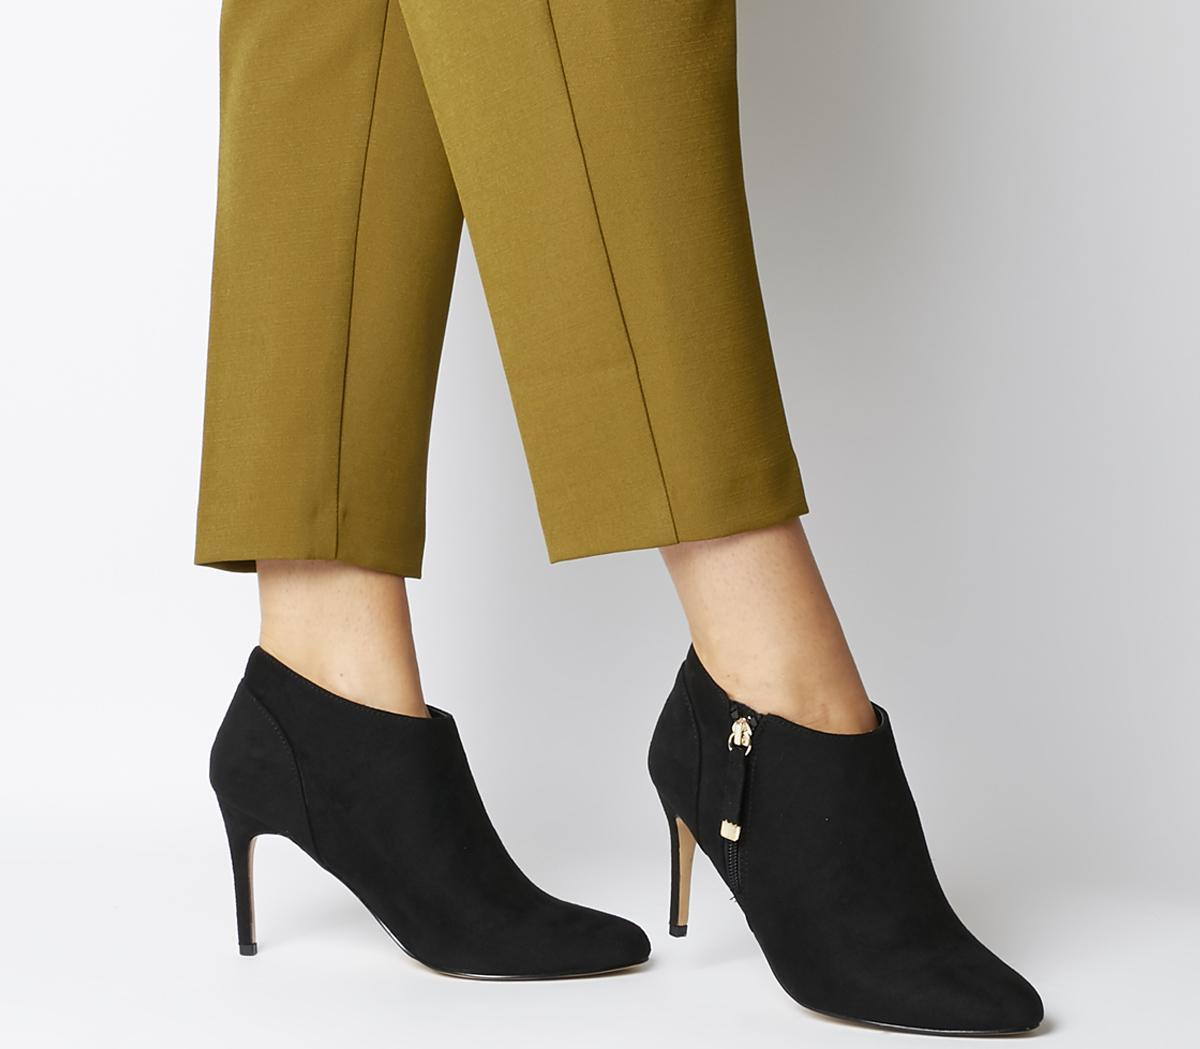 Mandy Shoe Zip Shoeboots